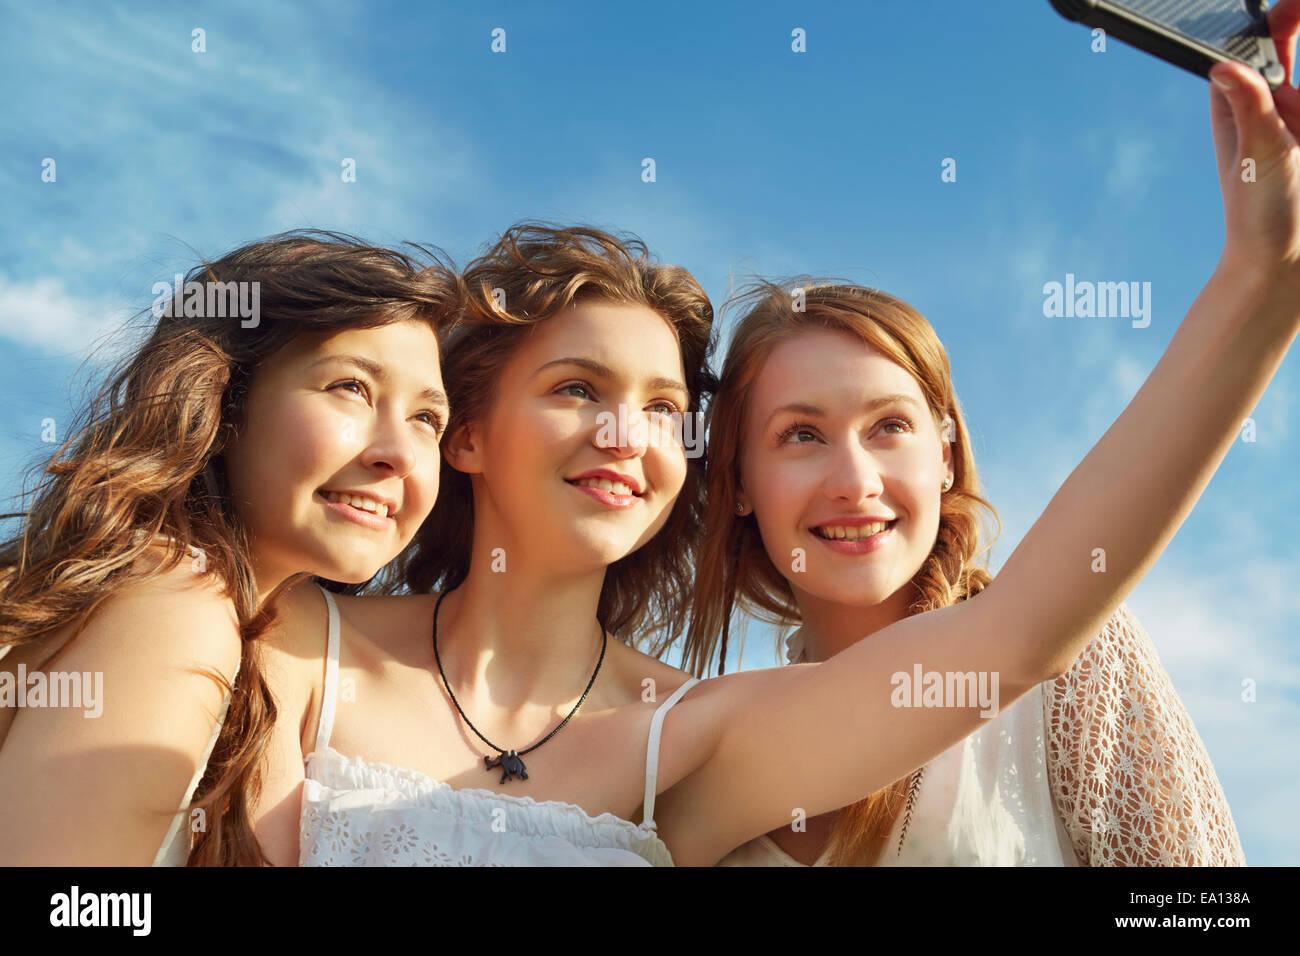 Drei junge Frauen Lächeln für Selfie auf smartphone Stockbild